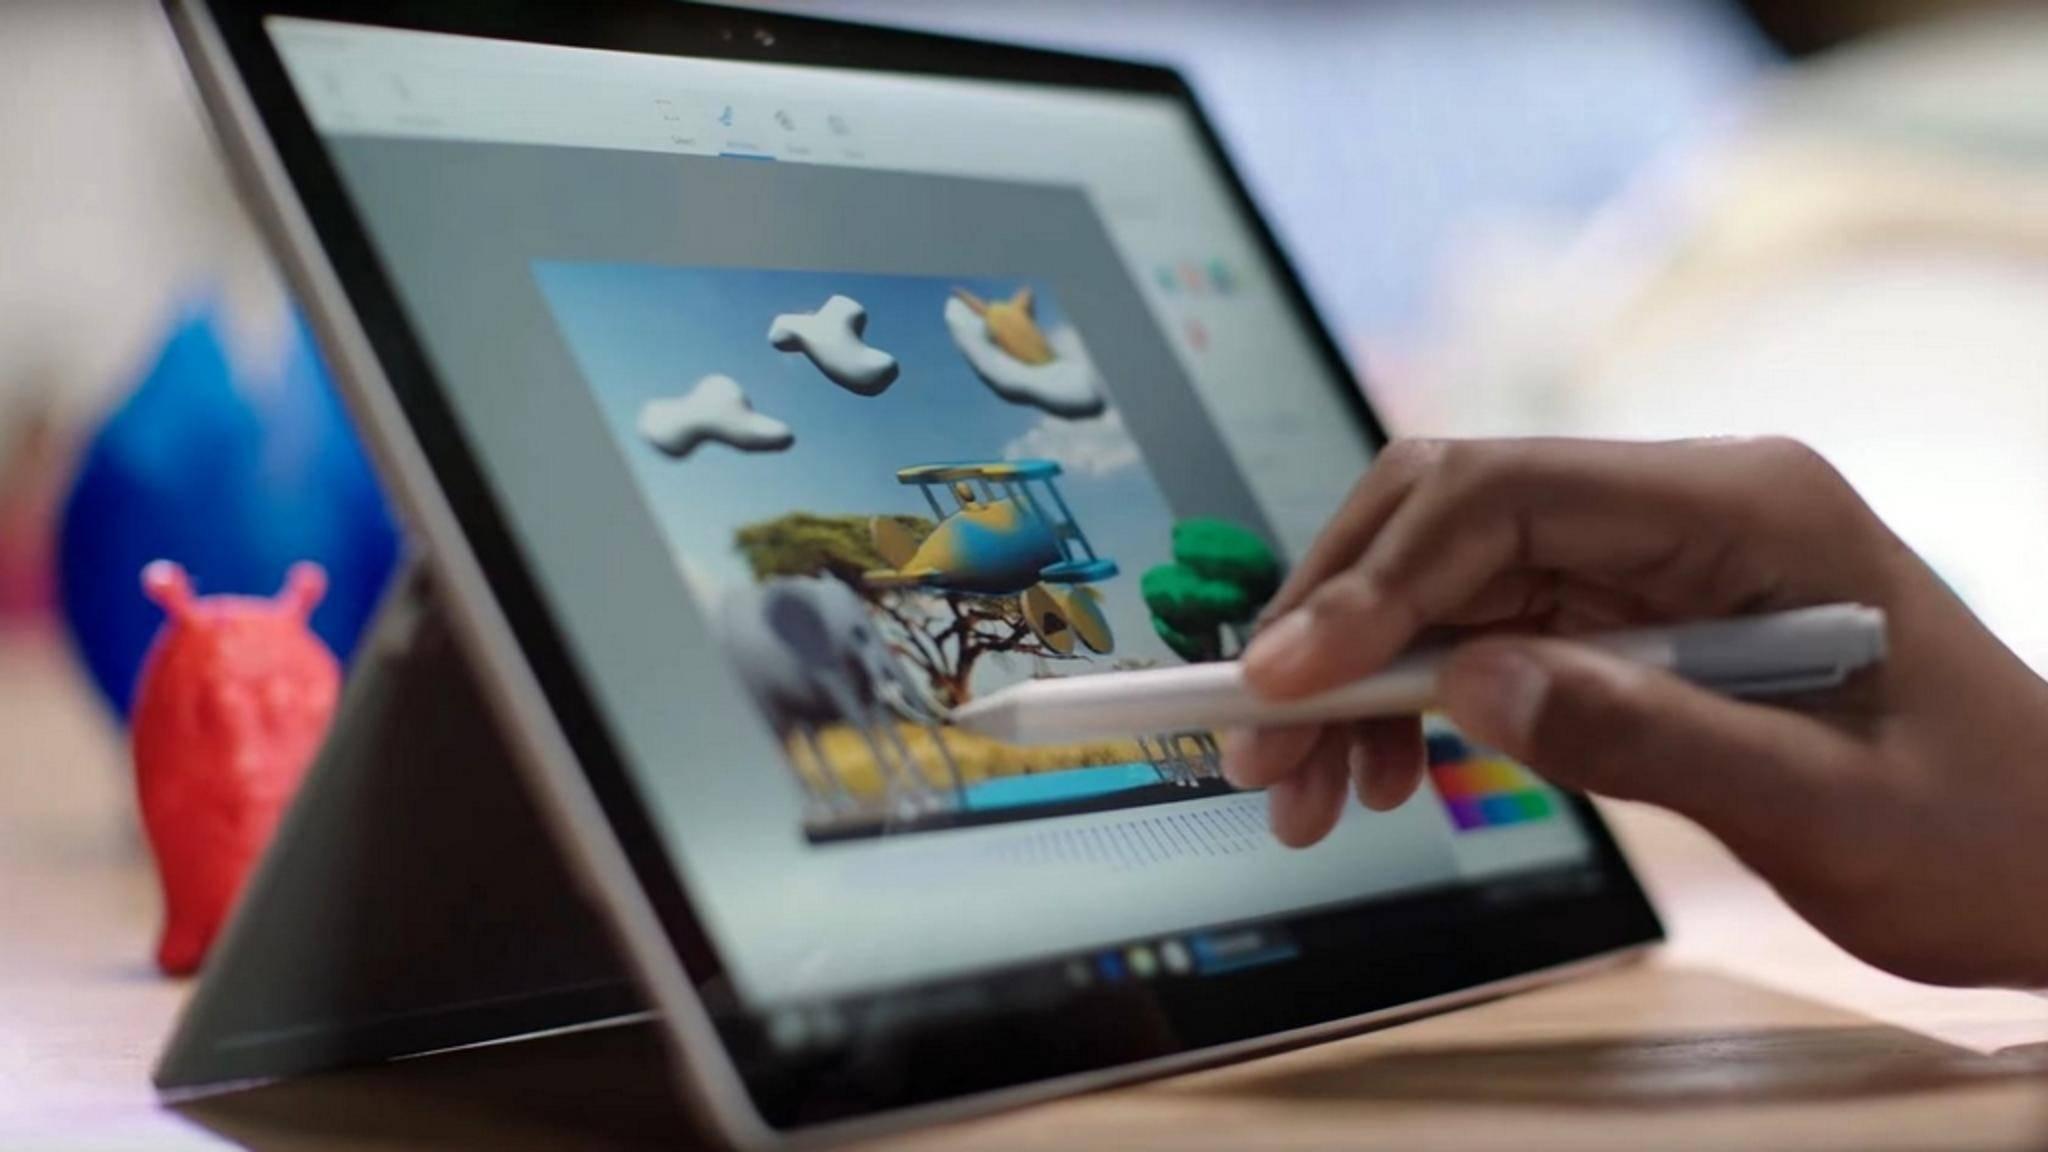 Windows 10 Neueste Version